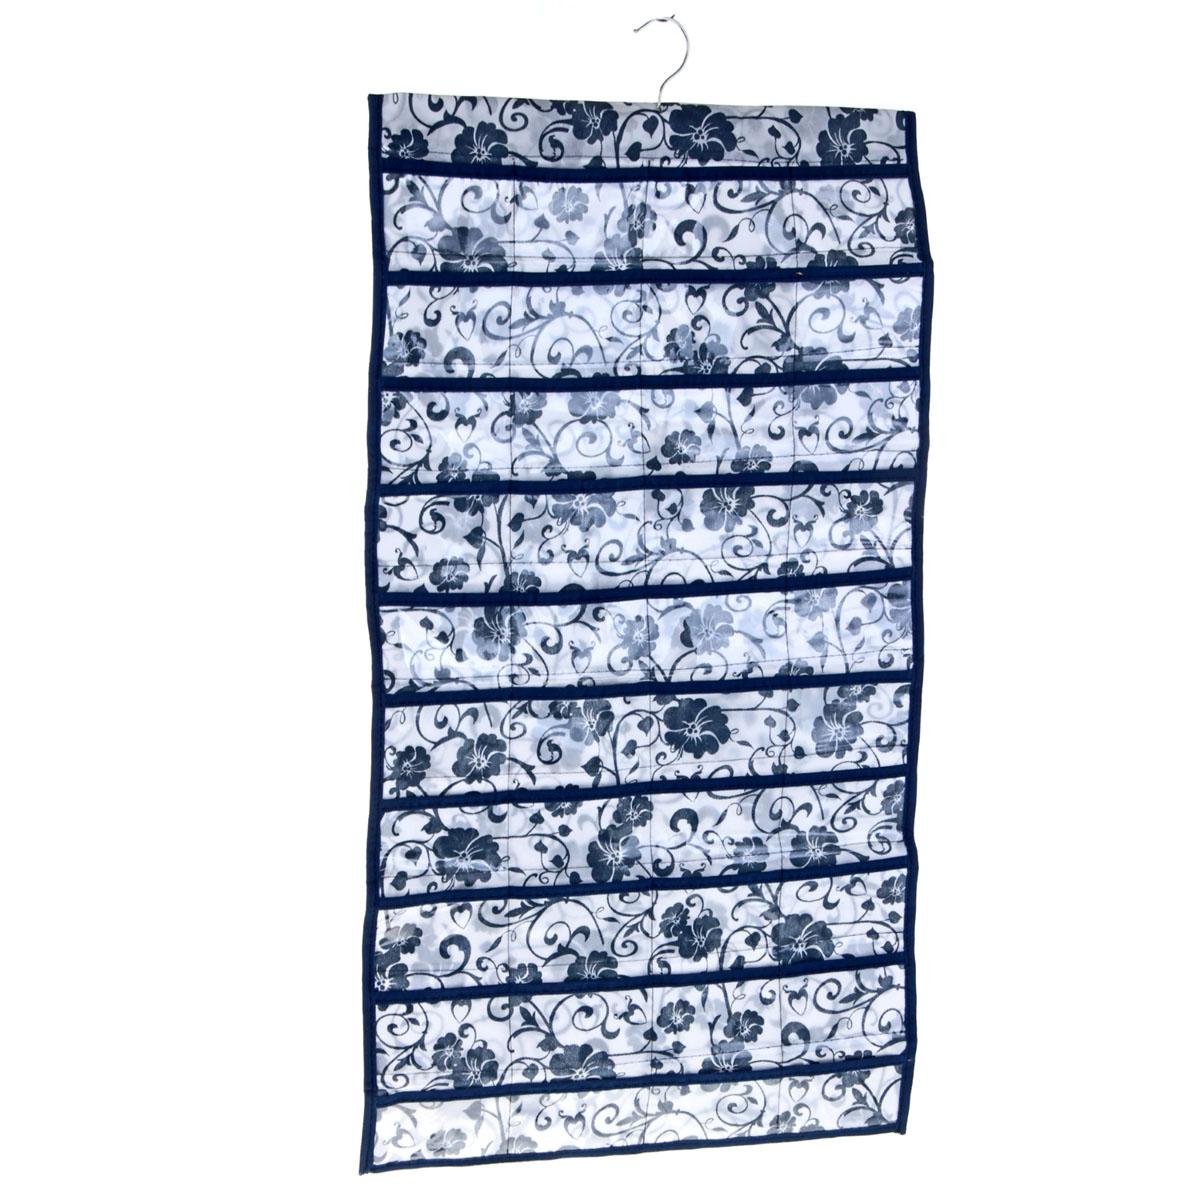 Органайзер для хранения вещей Sima-land с вешалкой, цвет: синий, 80 отделений709828Органайзер Sima-land, изготовленный из ПВХ и текстиля, предназначен для хранения необходимых вещей, множества мелочей в гардеробной, ванной, детской комнатах. Изделие представляет собой текстильное полотно с 80 пришитыми кармашками. Благодаря металлической вешалке, органайзер можно подвесить на стену или дверь в необходимом для вас месте. Органайзер декорирован цветочным принтом. Этот нужный предмет может стать одновременно и декоративным элементом комнаты. Яркий дизайн, как ничто иное, способен оживить интерьер вашего дома.